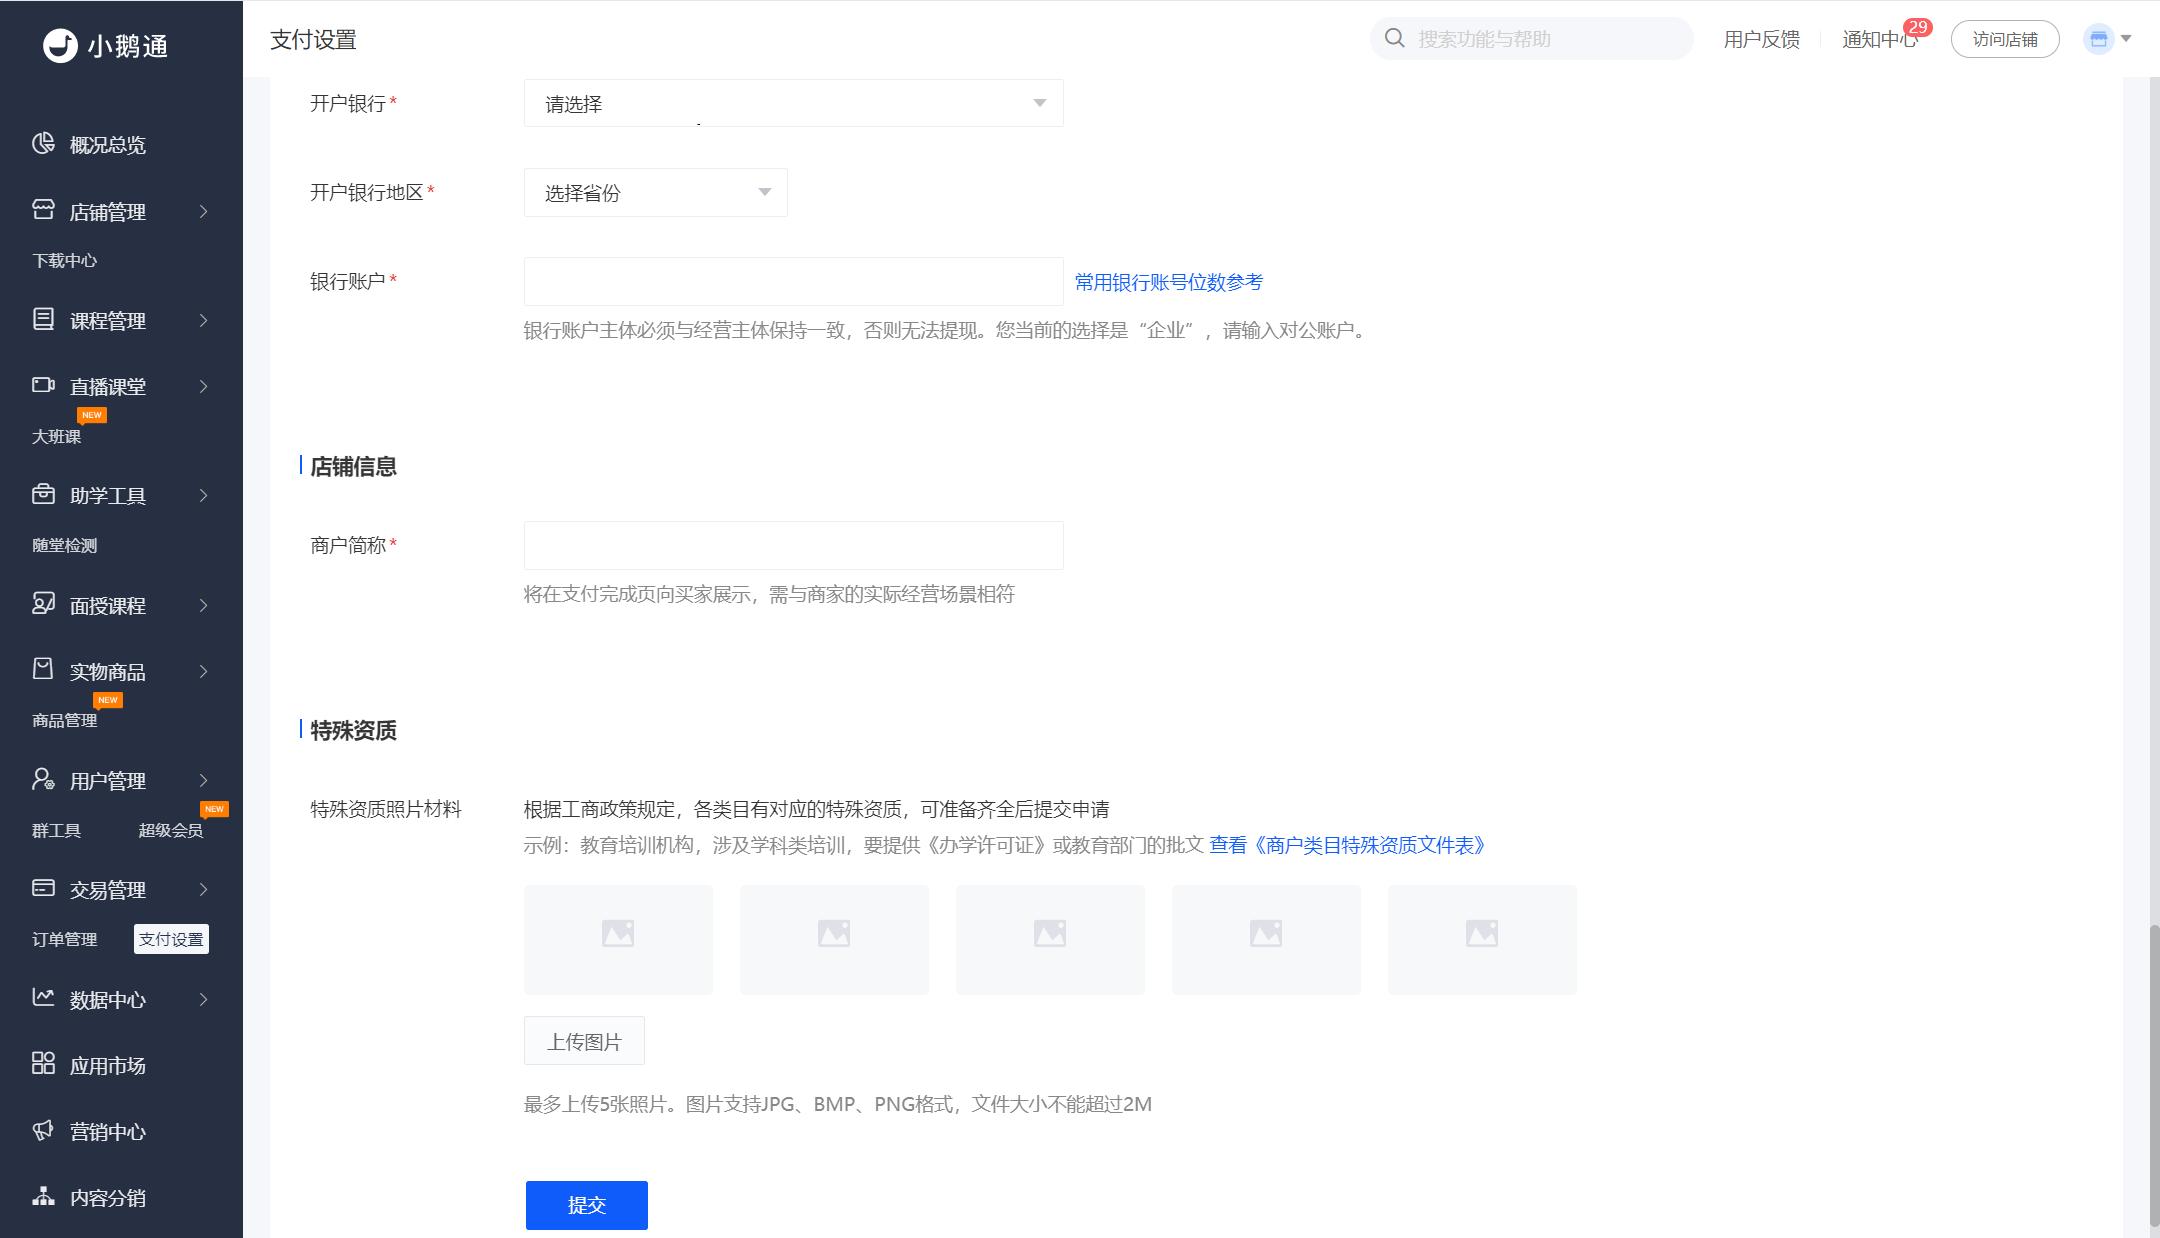 小鹅通知识店铺微信支付服务商模式账户申请指引(图7)